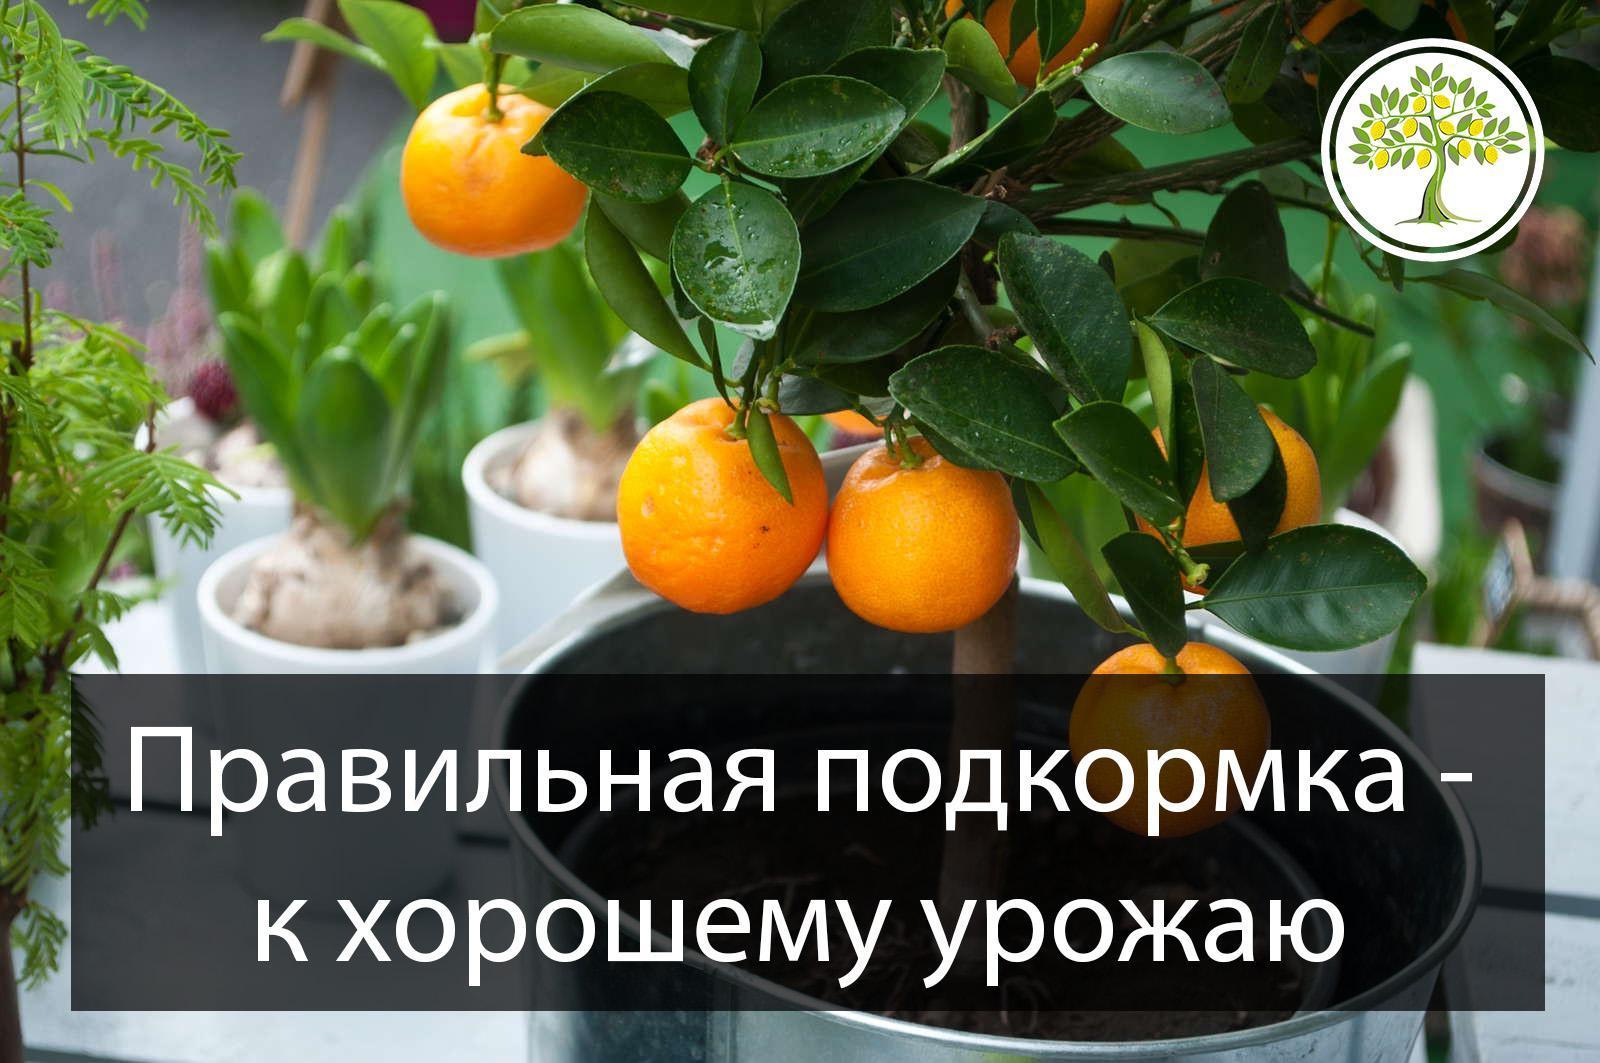 Правильно подкармливаем цитрусовые